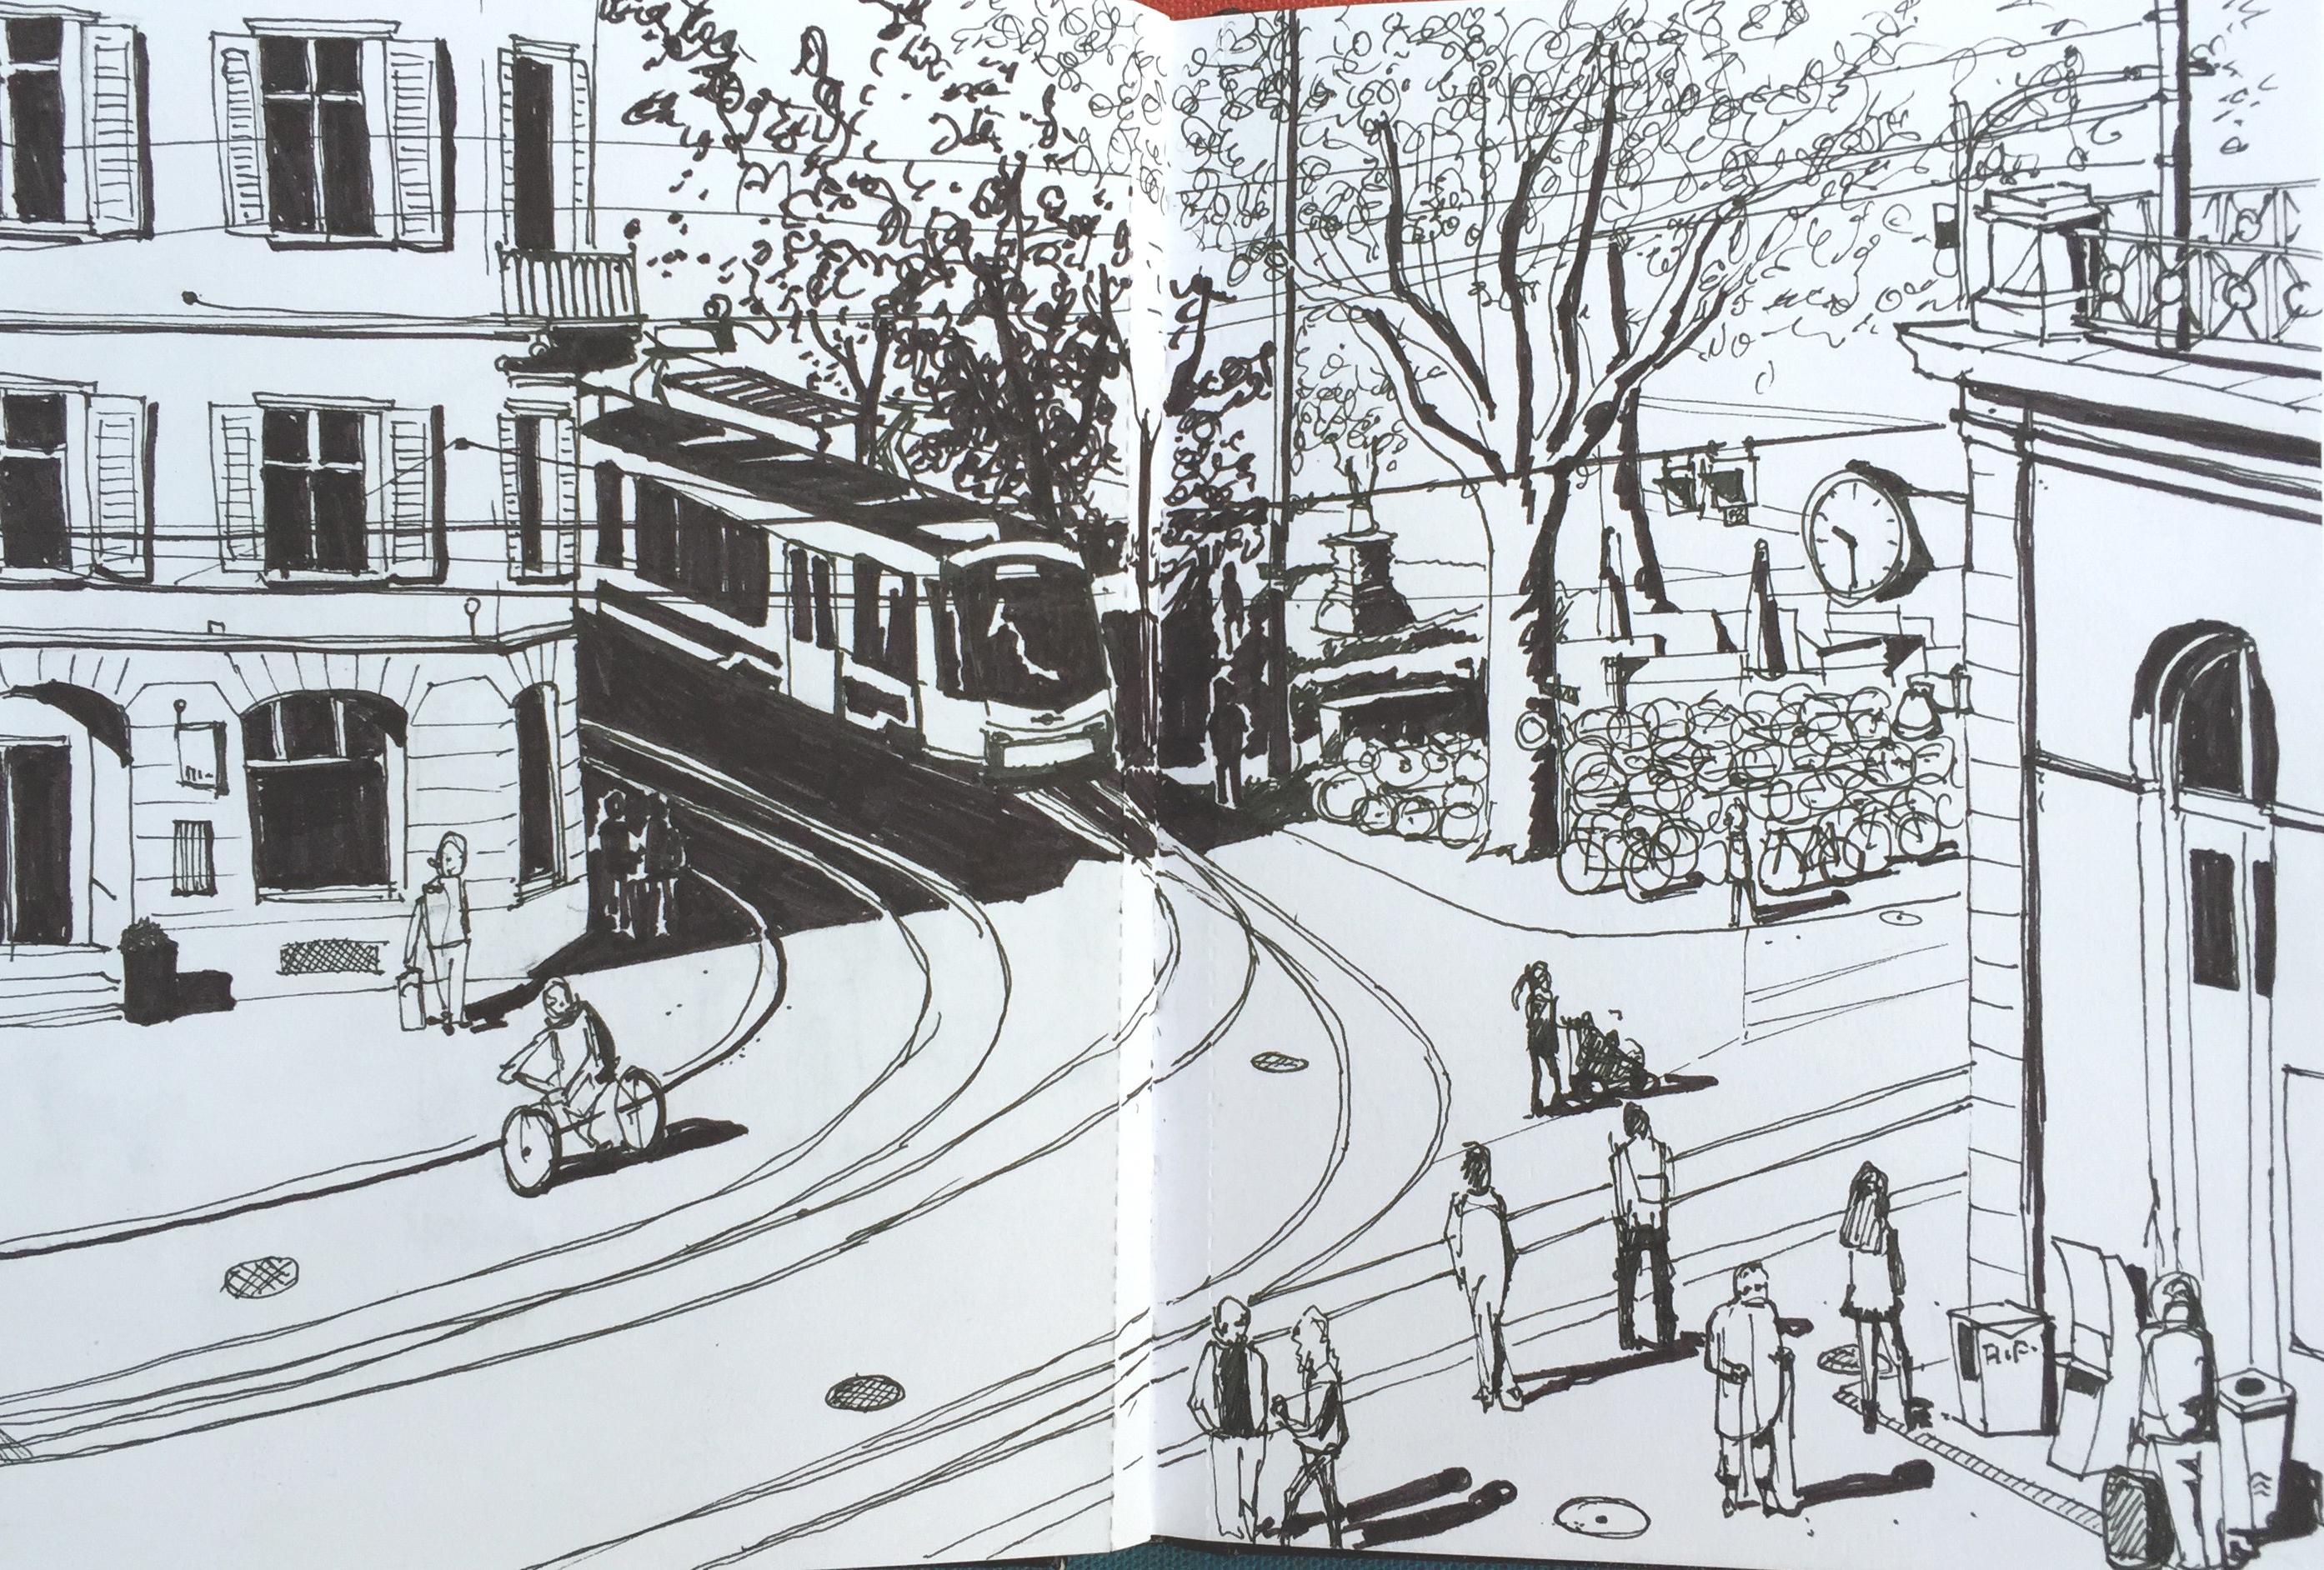 Simone Schauwecker, Bahnhof Stadelhofen, Astrid Amadeo, Urban Sketching, Blogg,